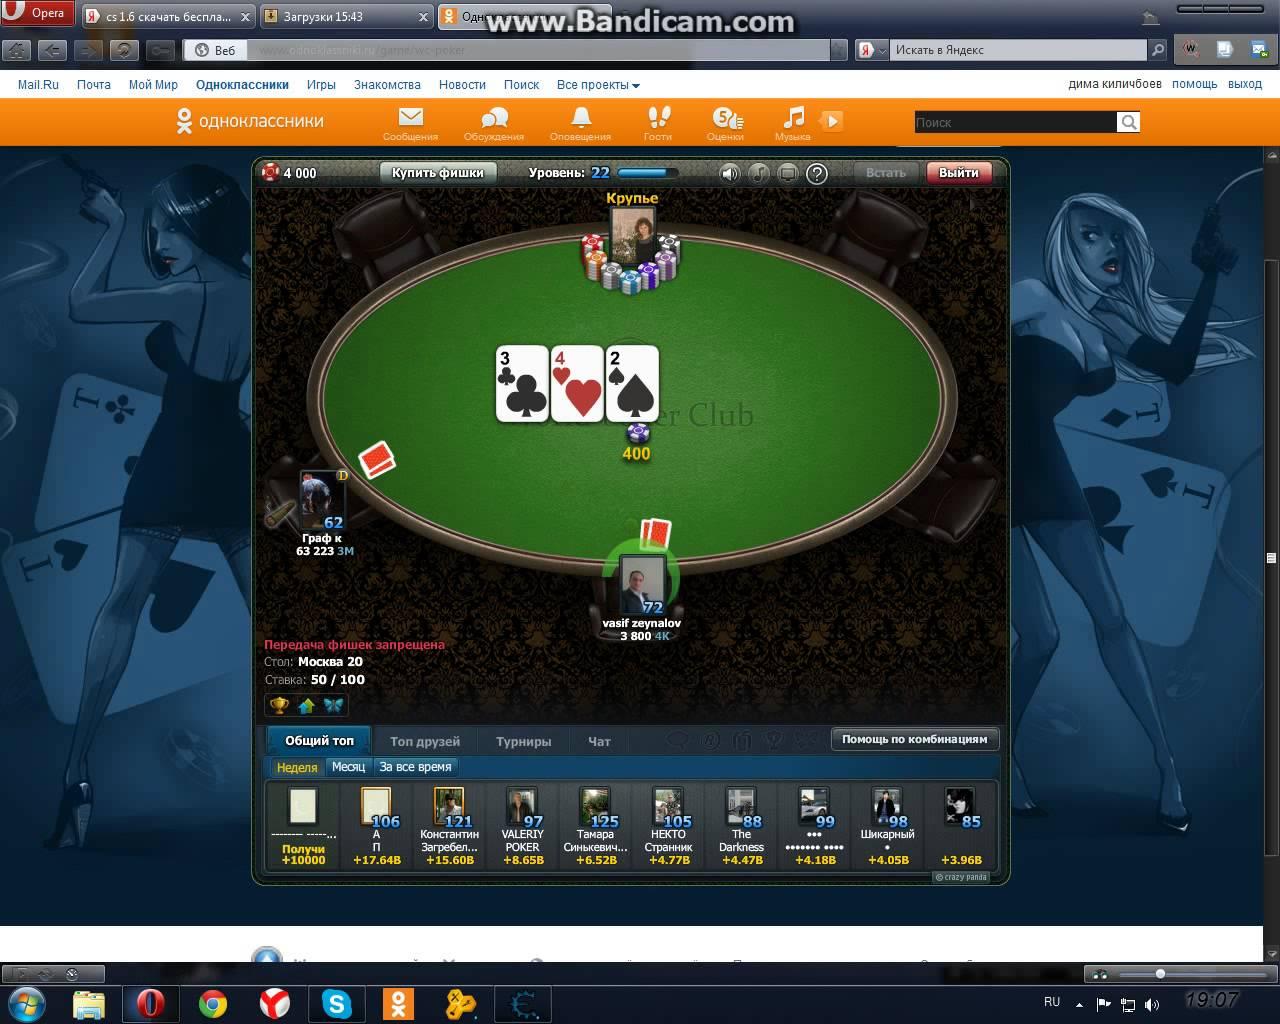 как выиграть в джекпот в ворлд покер клуб